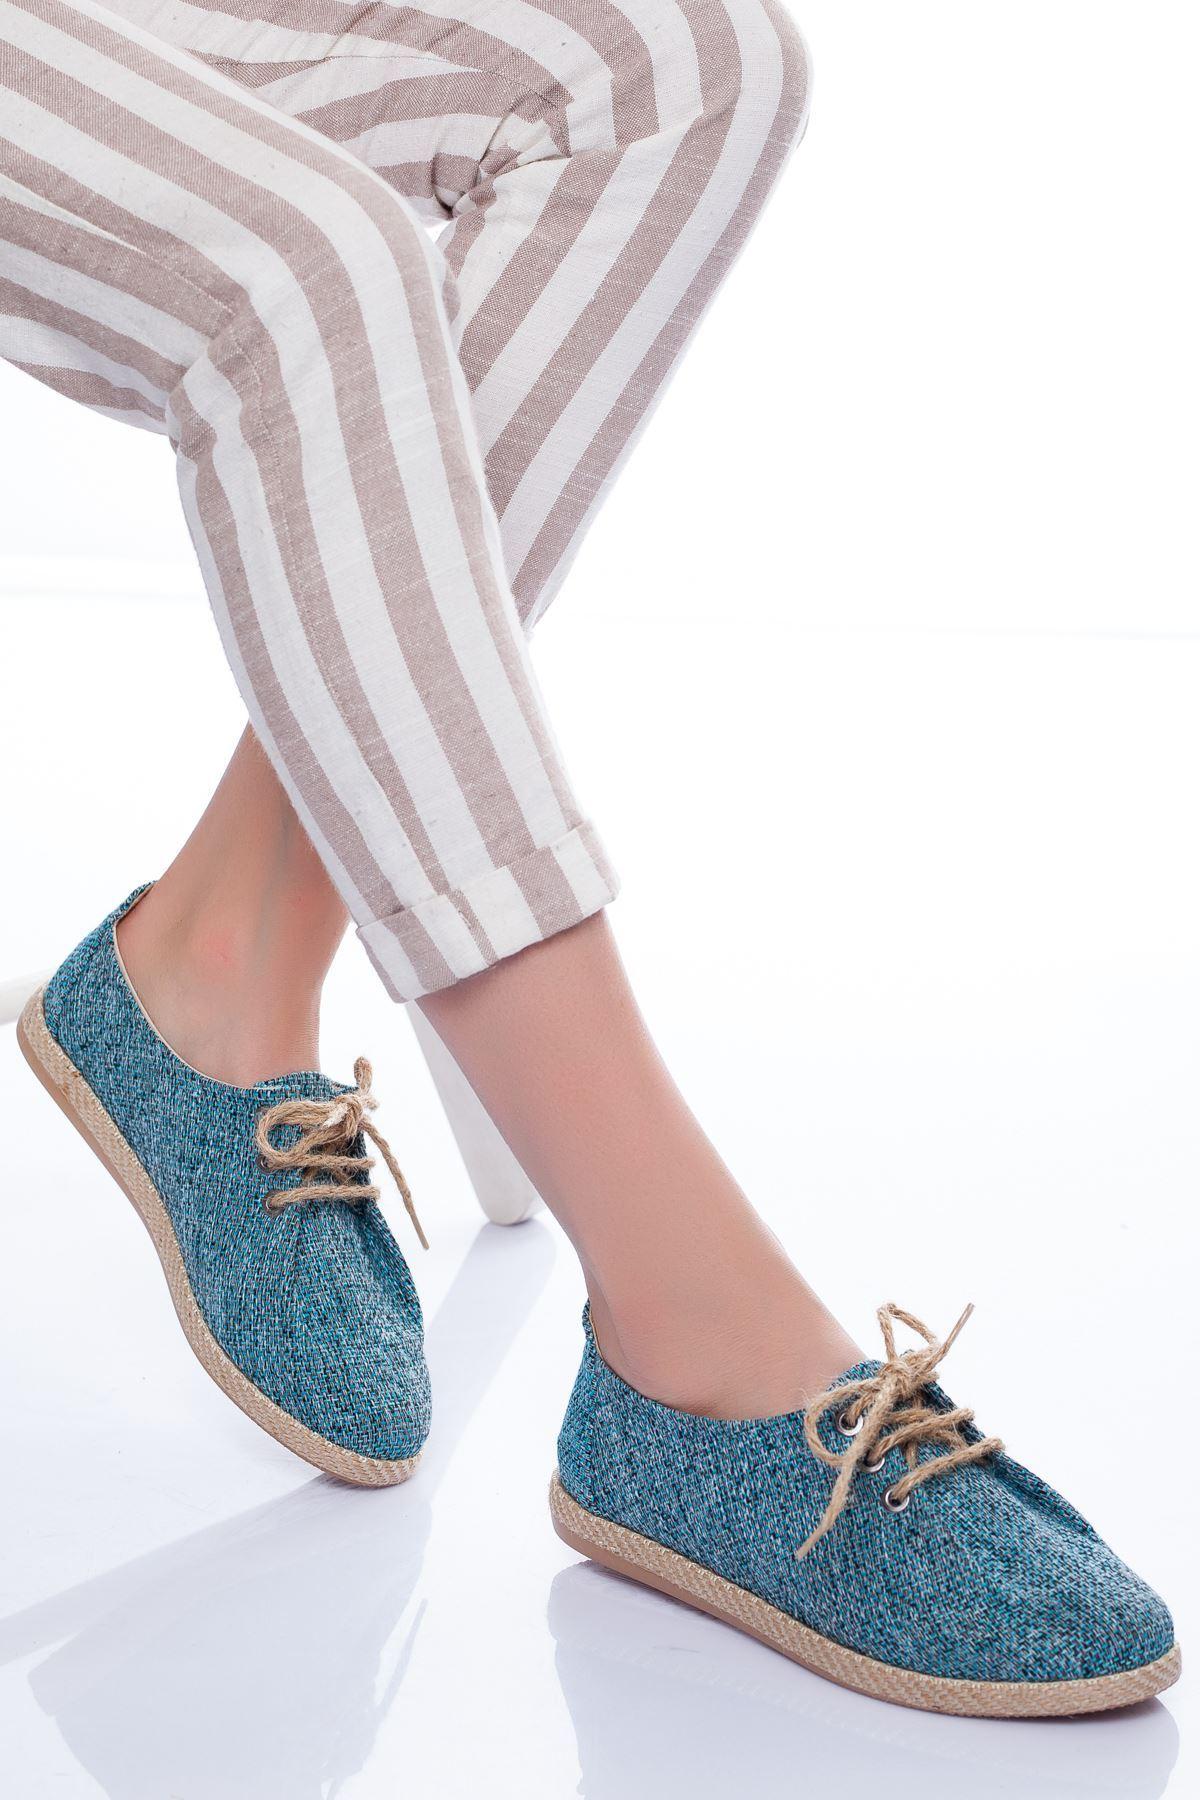 Emily Spor Ayakkabı TURKUAZ